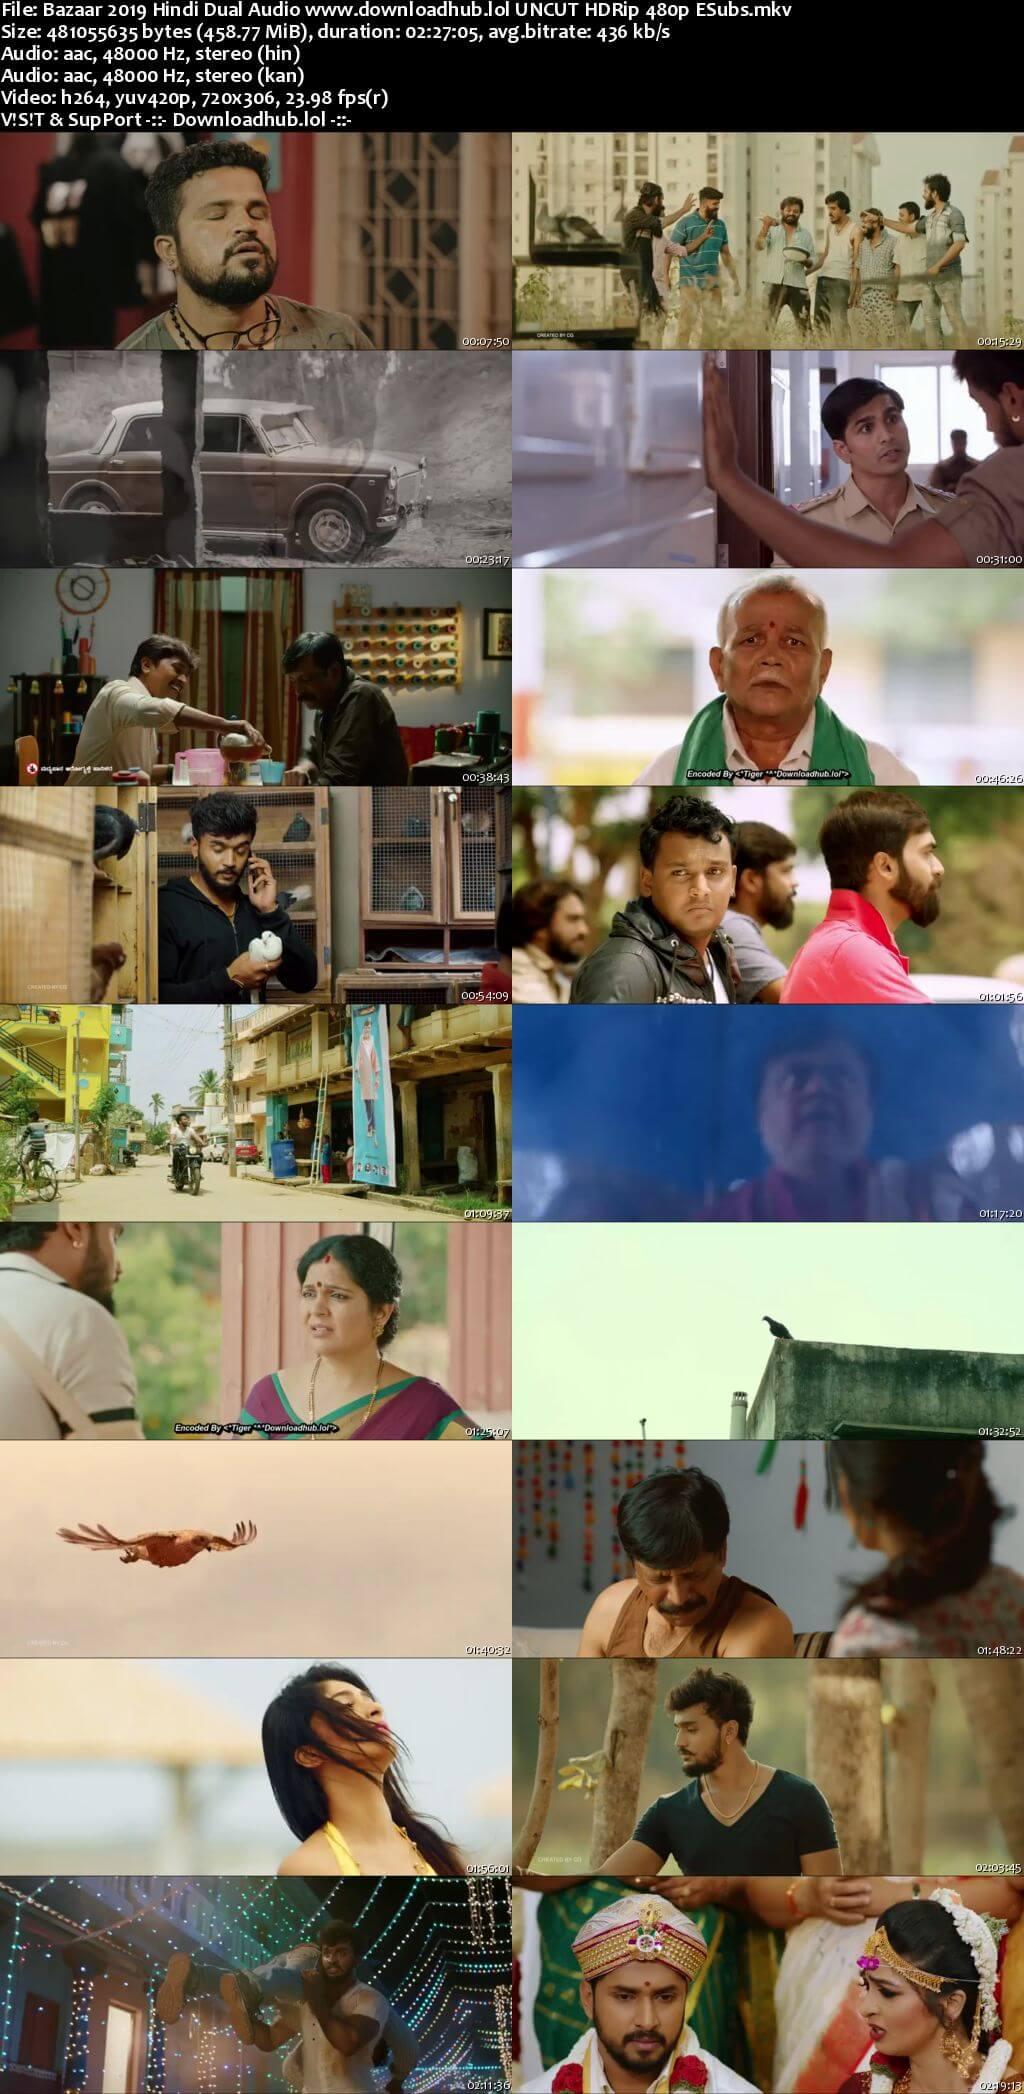 Bazaar 2019 Hindi Dual Audio 450MB UNCUT HDRip 480p ESubs